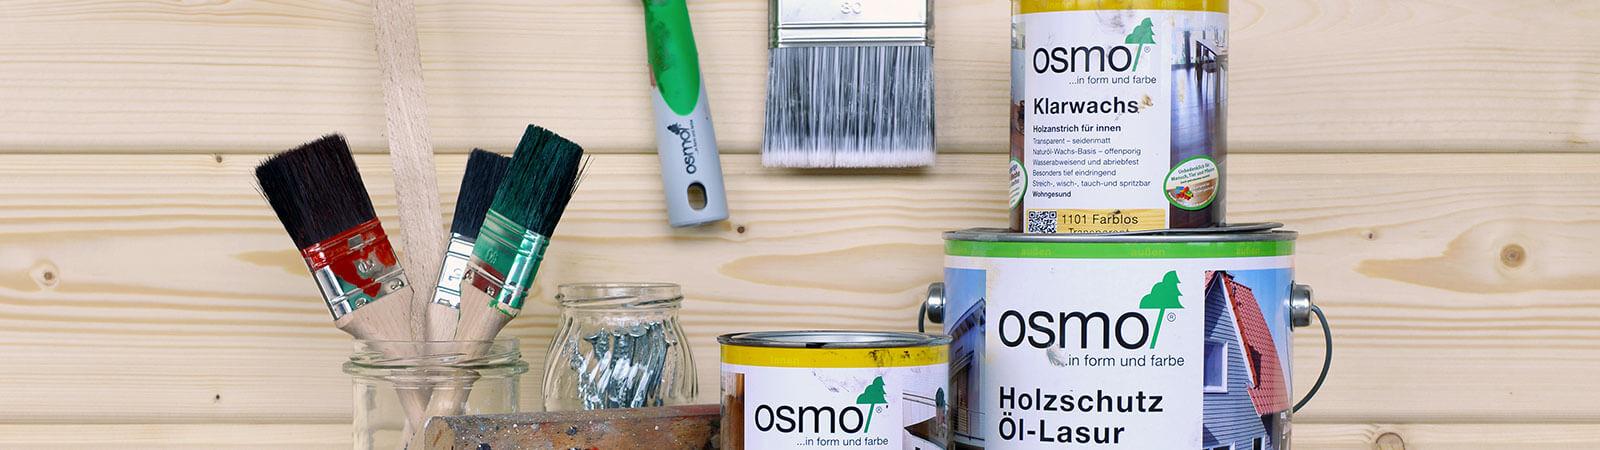 Краски и масла OSMO